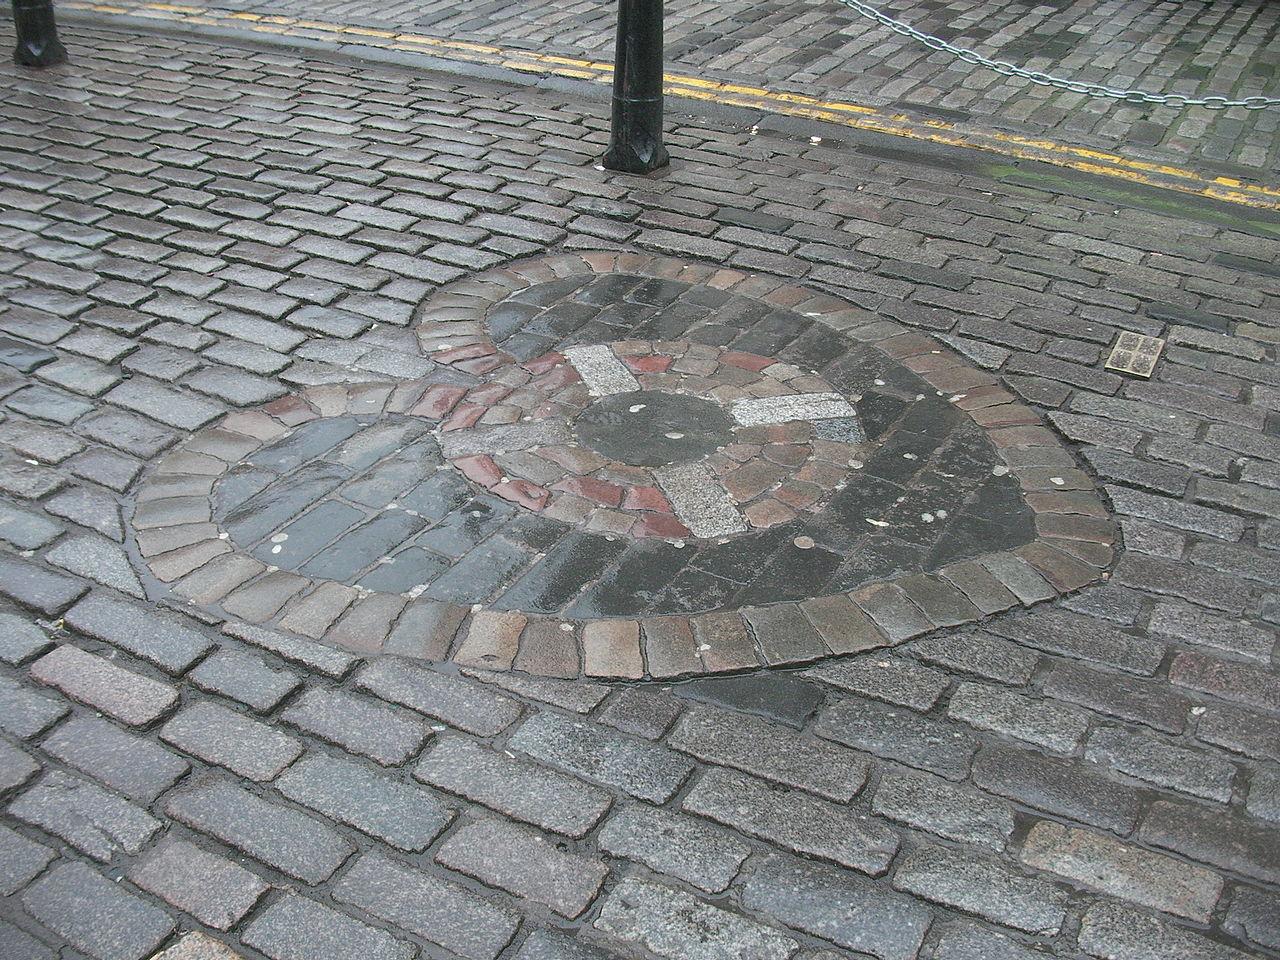 ถนนรอยัลไมล์-สัญลักษณ์บอกจุดที่ตั้ง